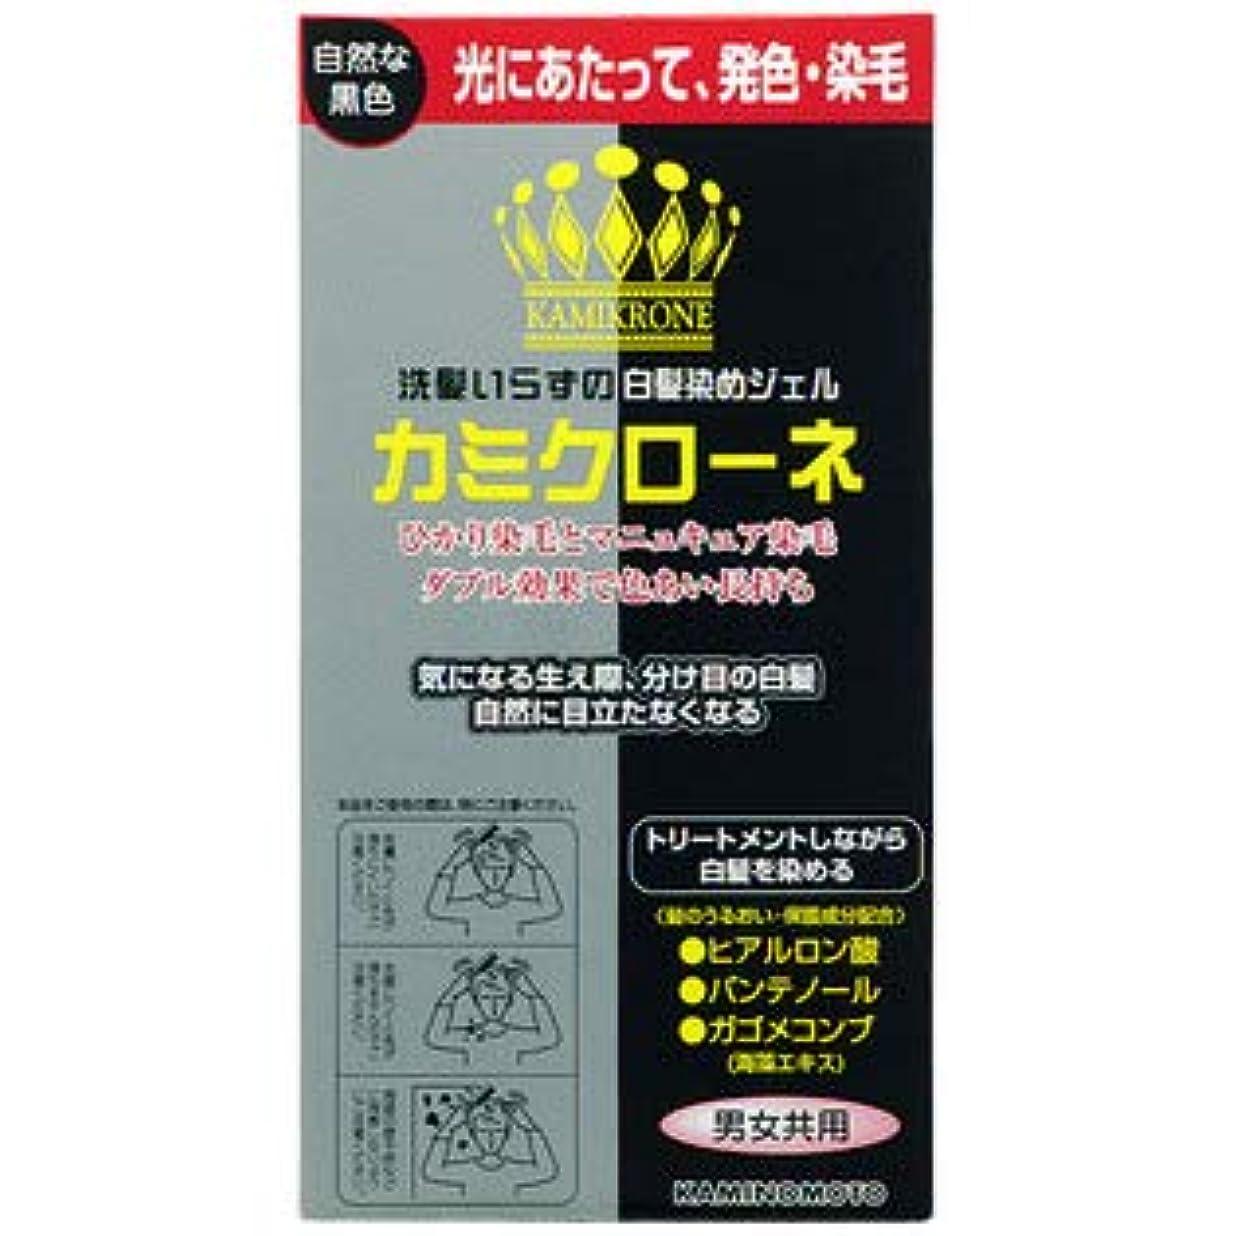 応じる浴室軍【3個】 加美乃素 カミクローネ 自然な黒色 80mlx3個 (4987046820013)